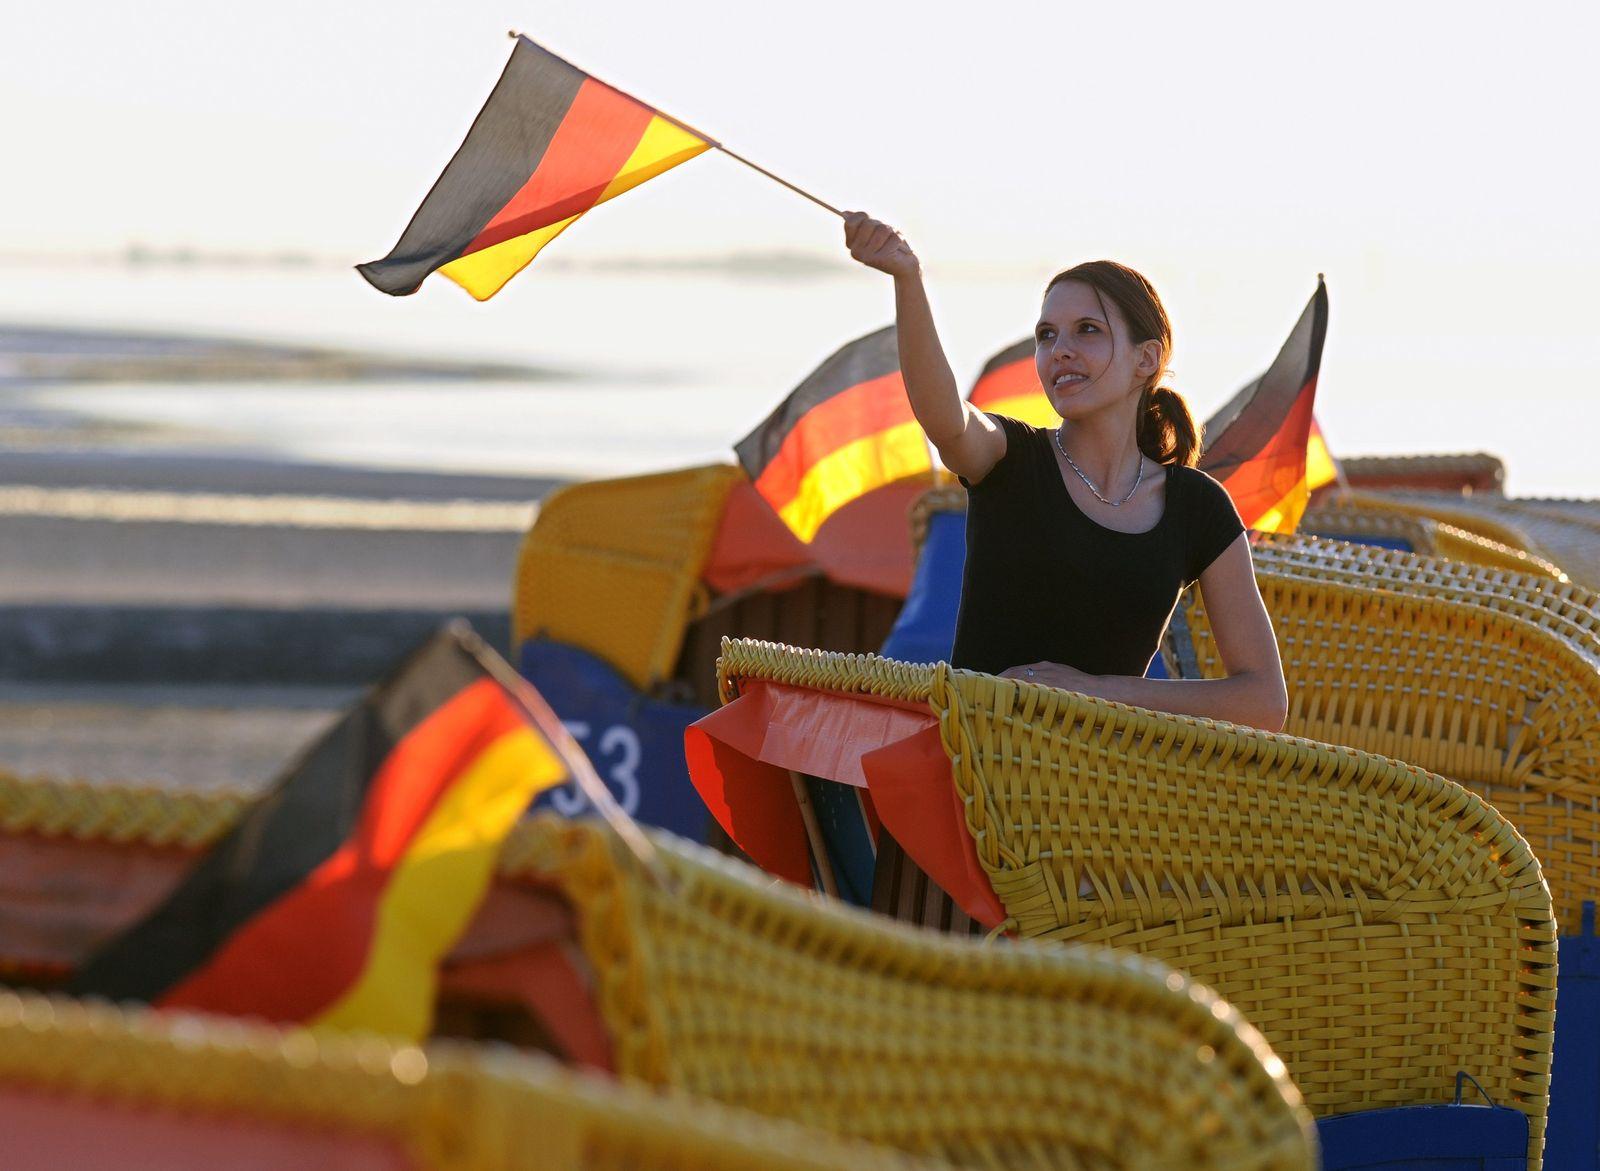 WM 2010 / Deutschland in Schwarz Rot Gold